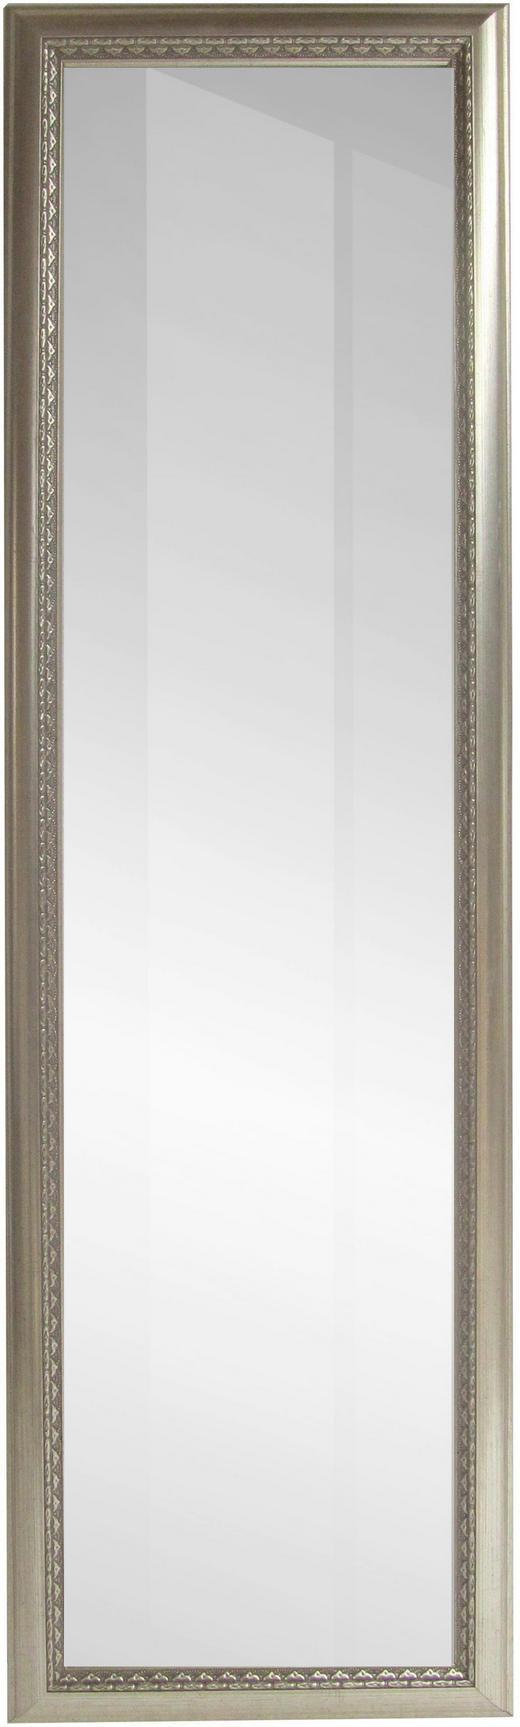 SPIEGEL Bronzefarben, Silberfarben - Silberfarben/Bronzefarben, LIFESTYLE, Holz (38,4/126,4/2,4cm) - LANDSCAPE